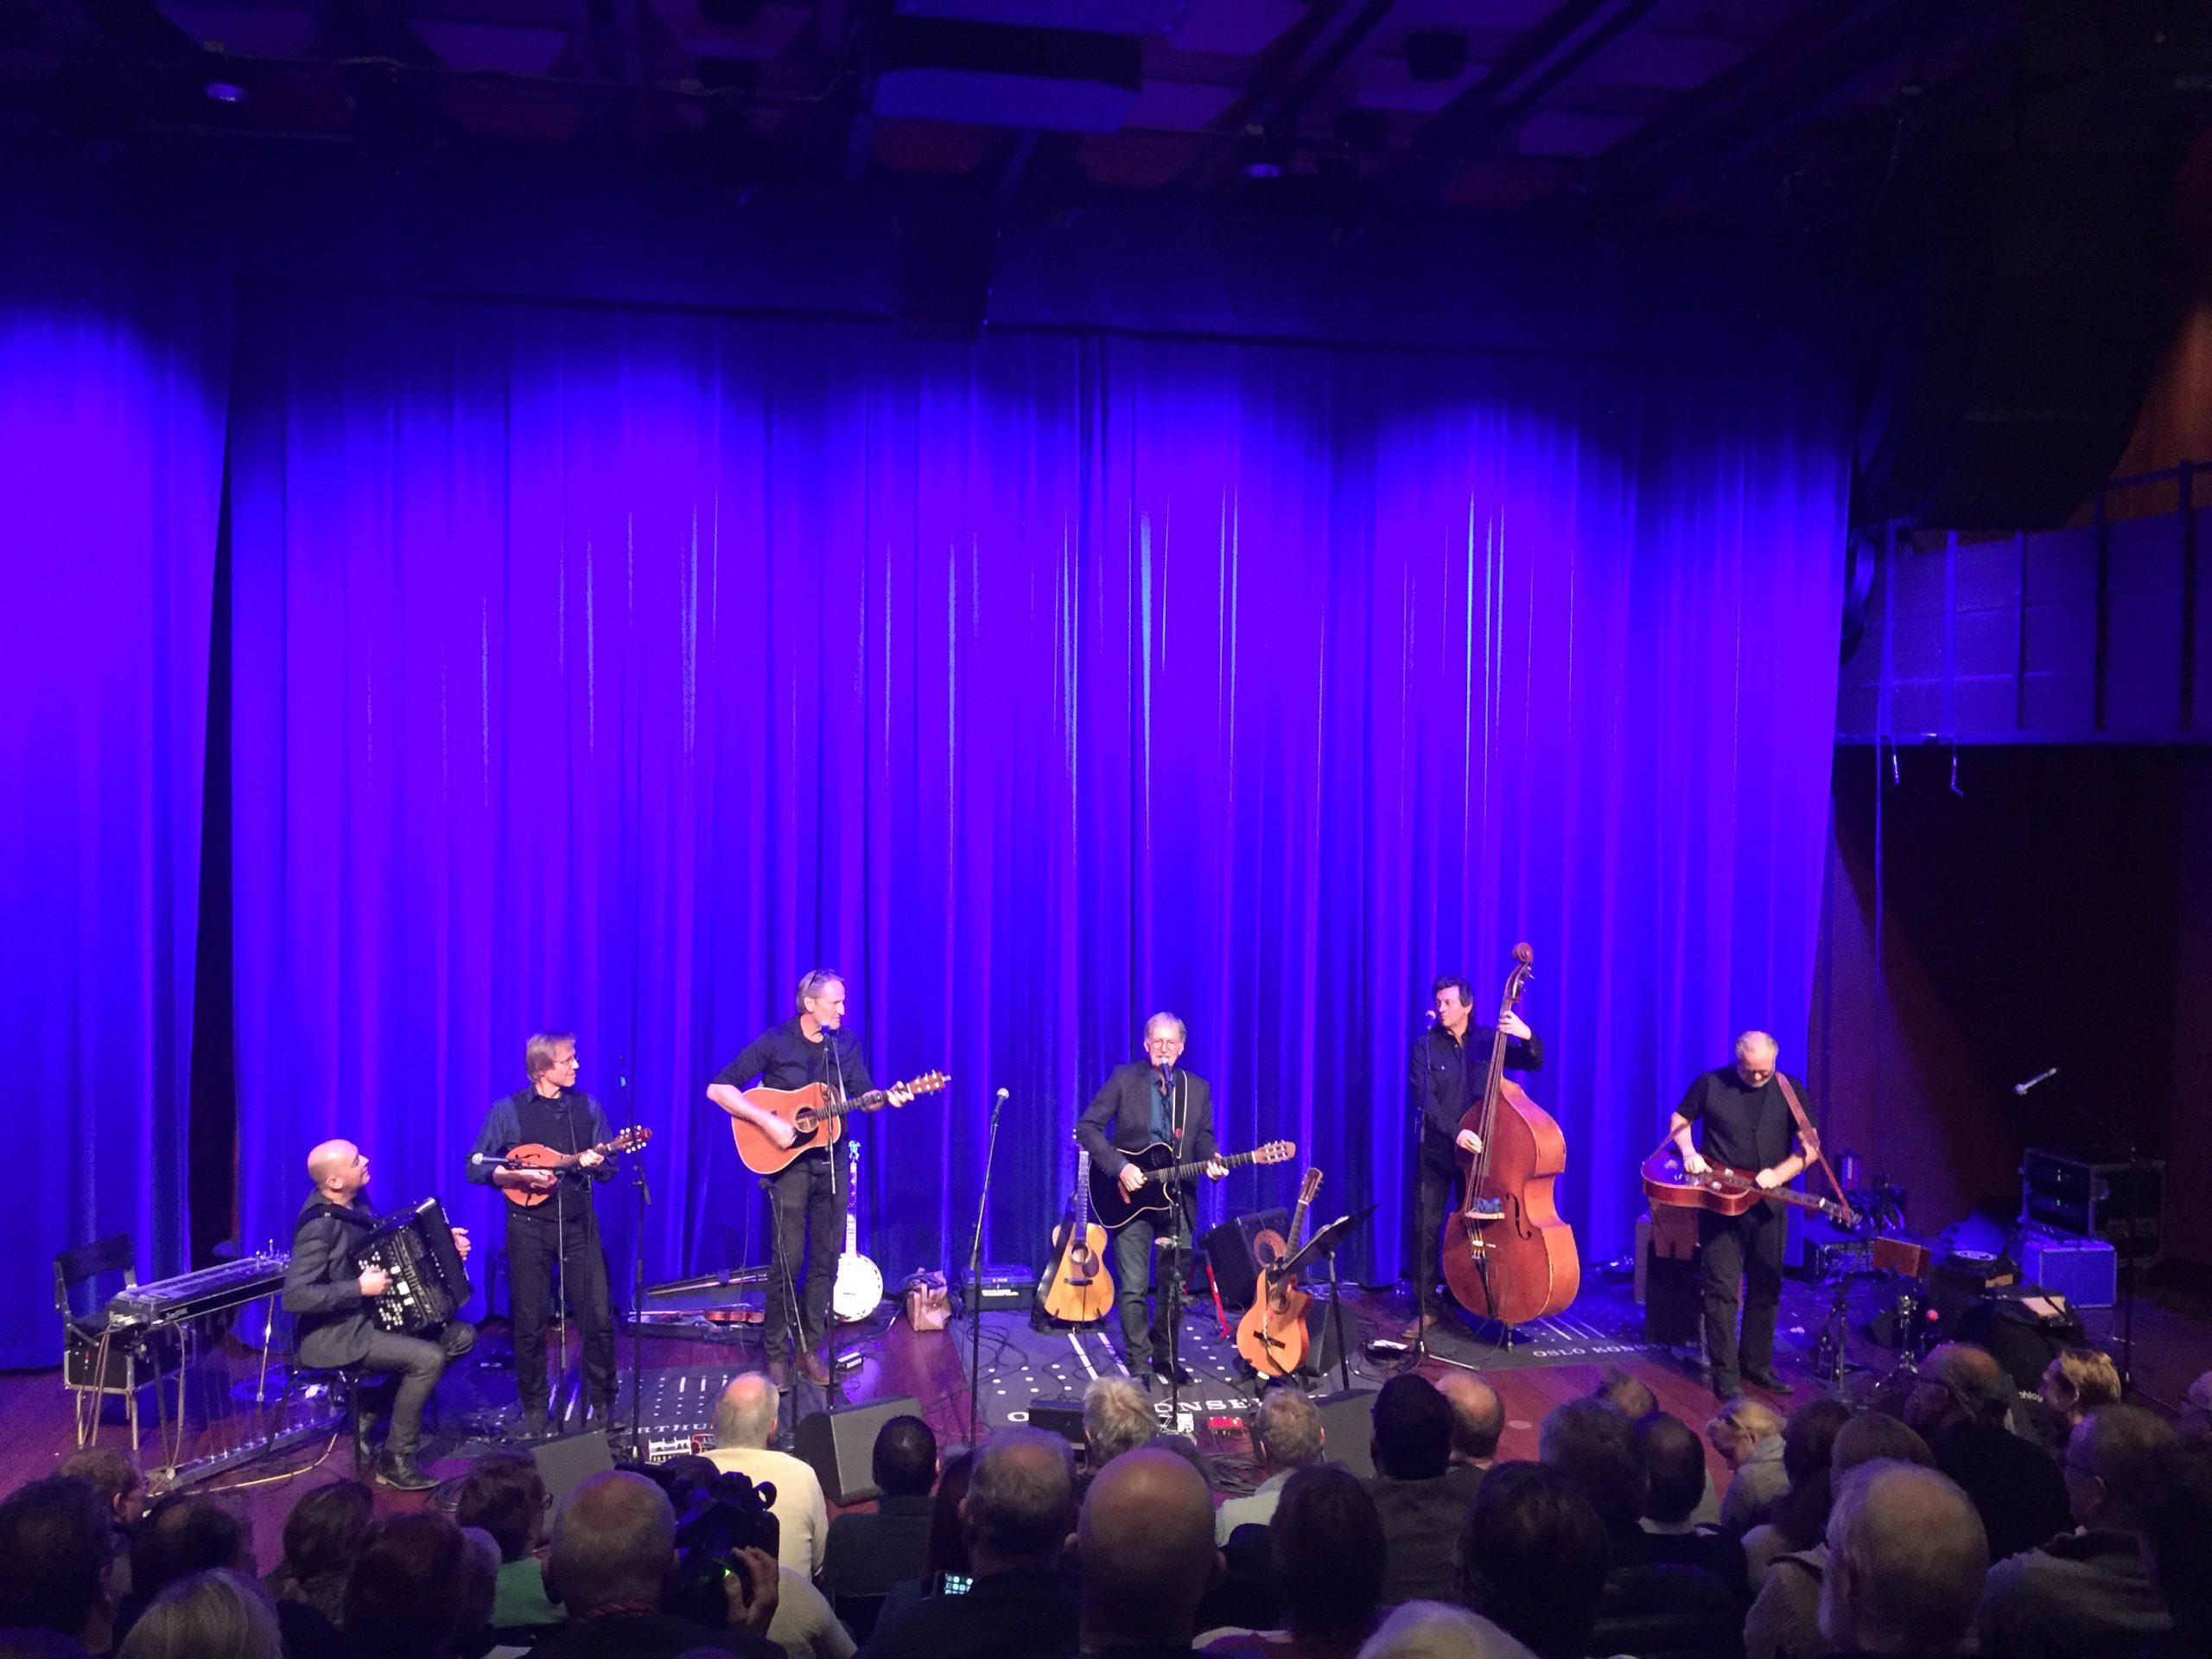 GOD KONSERT: Jeg har hørt på Øystein Sunde i 30 år. Han var god i Oslo Konserthus, men jeg har hørt ham bedre. Hyggelig var det. Foto: Martin Aasen Wright